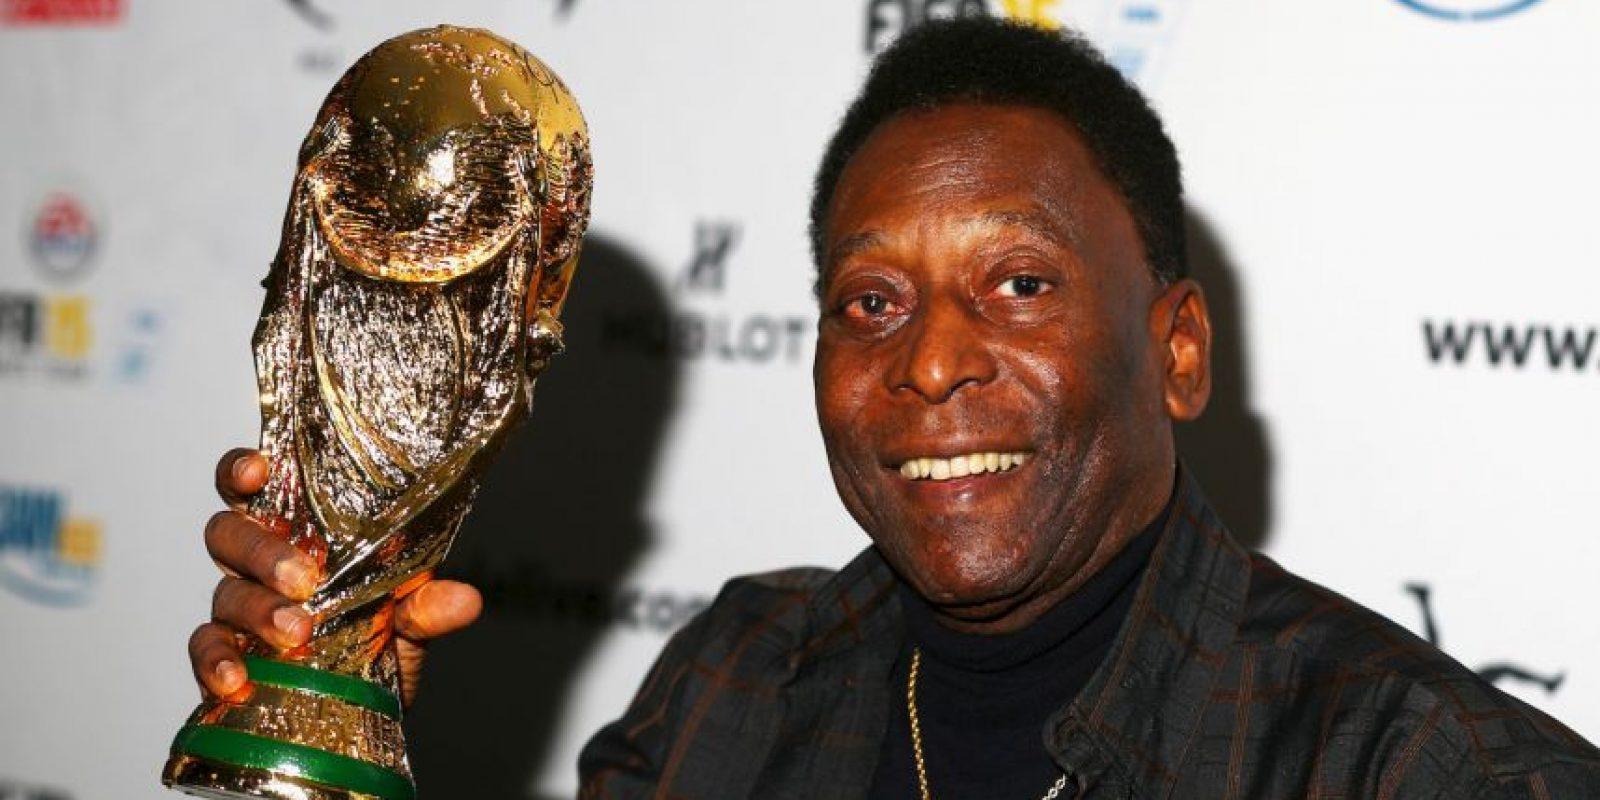 """""""O'Rei"""" hizo historia en el fútbol y ganó todo lo que quiso con el Santos, destacando 10 ligas y 2 Copa Libertadores. Eso sí, nada como los tres Mundiales que conquistó con Brasil en 1958, 1962 y 1970. Foto:Getty Images"""